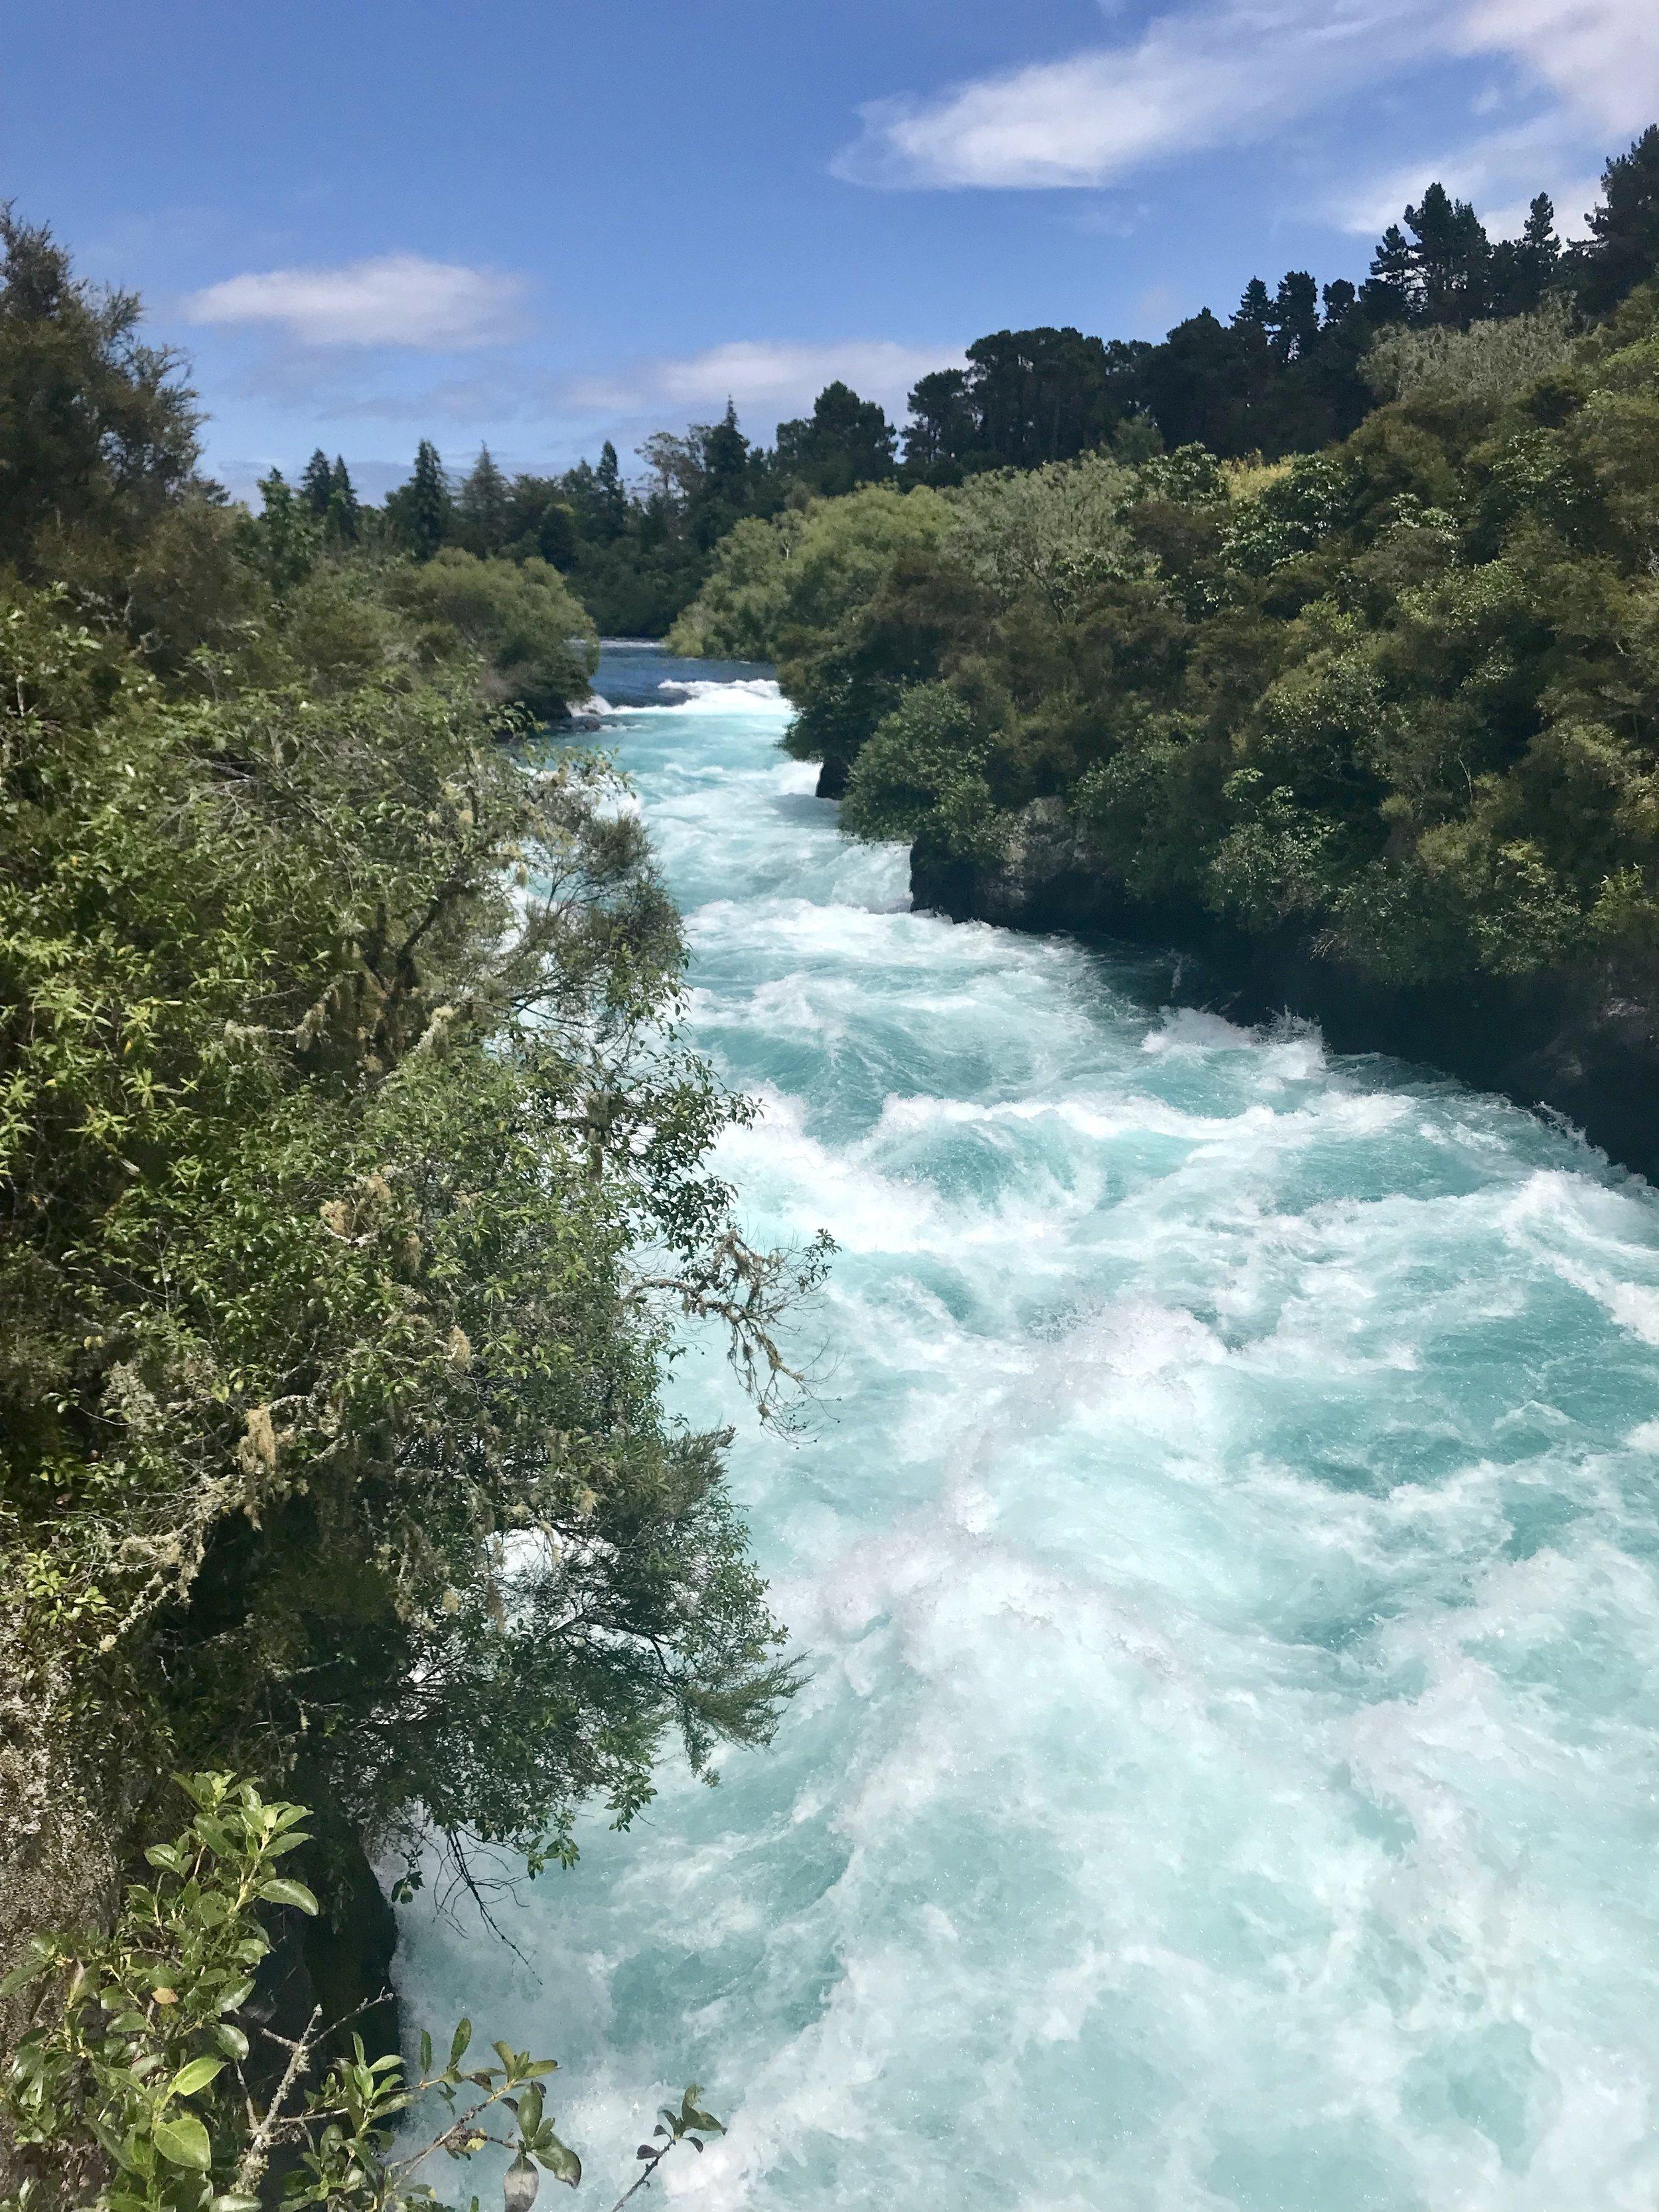 Waikato River at Huka Falls